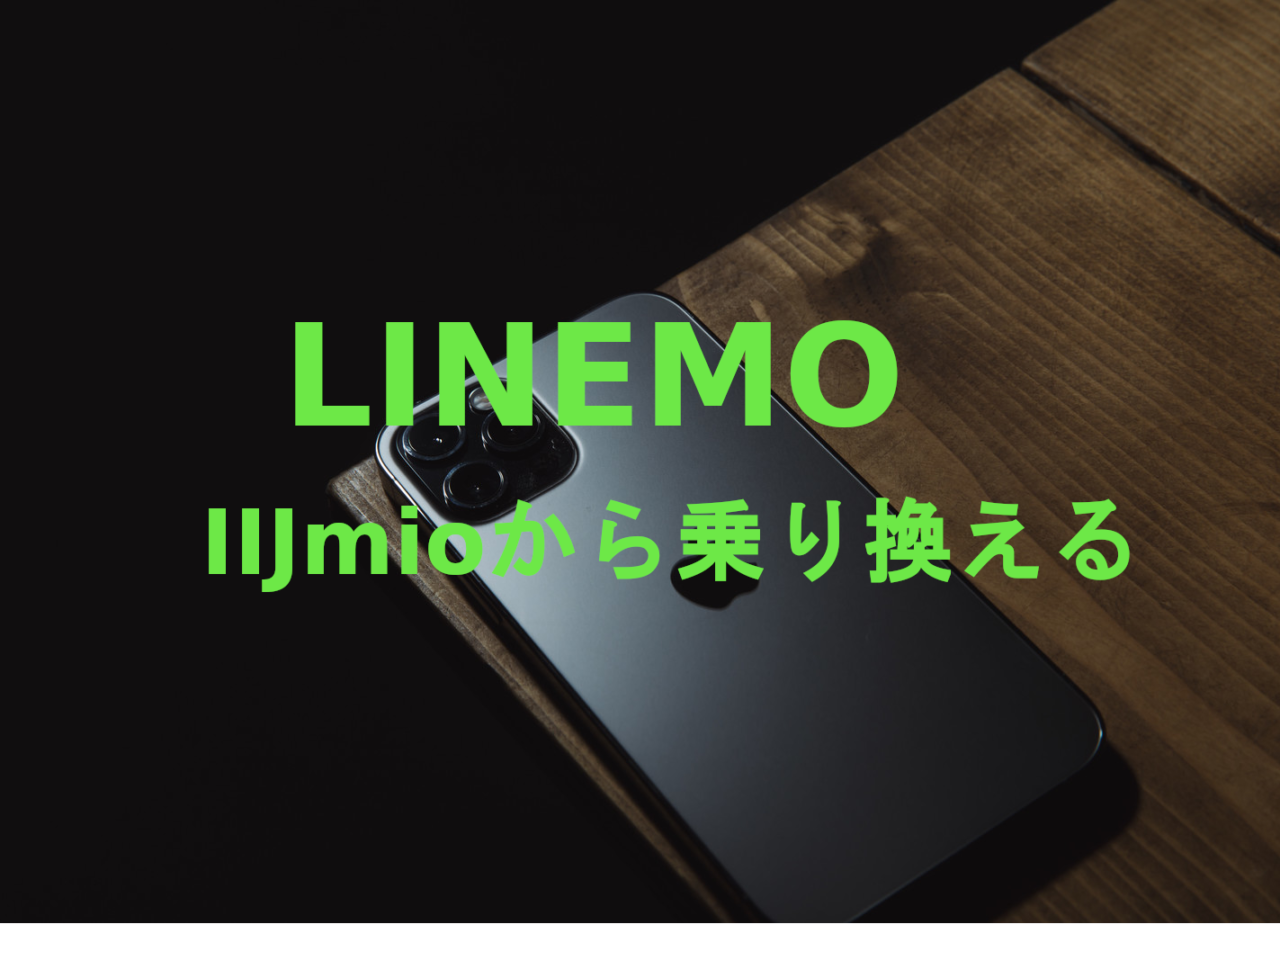 IIJmioからLINEMO(ラインモ)への乗り換えはおすすめ?やり方は?のサムネイル画像